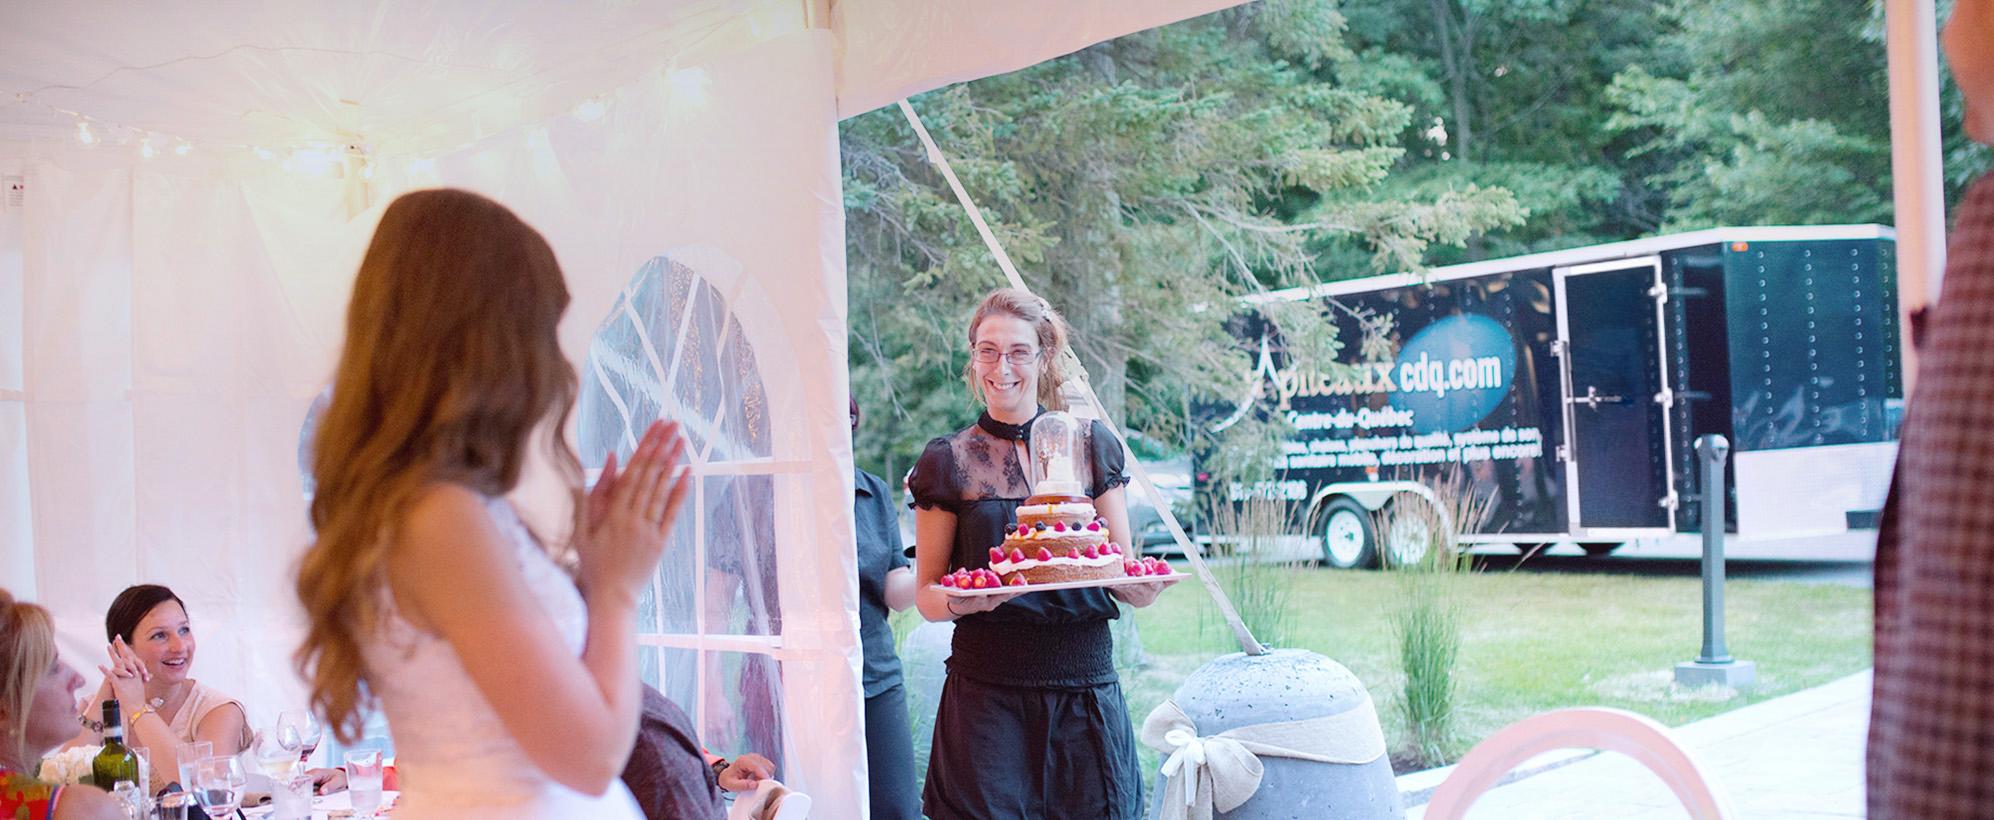 Service aux tables, gâteau, mariage, toilette mobile,Chapiteaux CDQ.